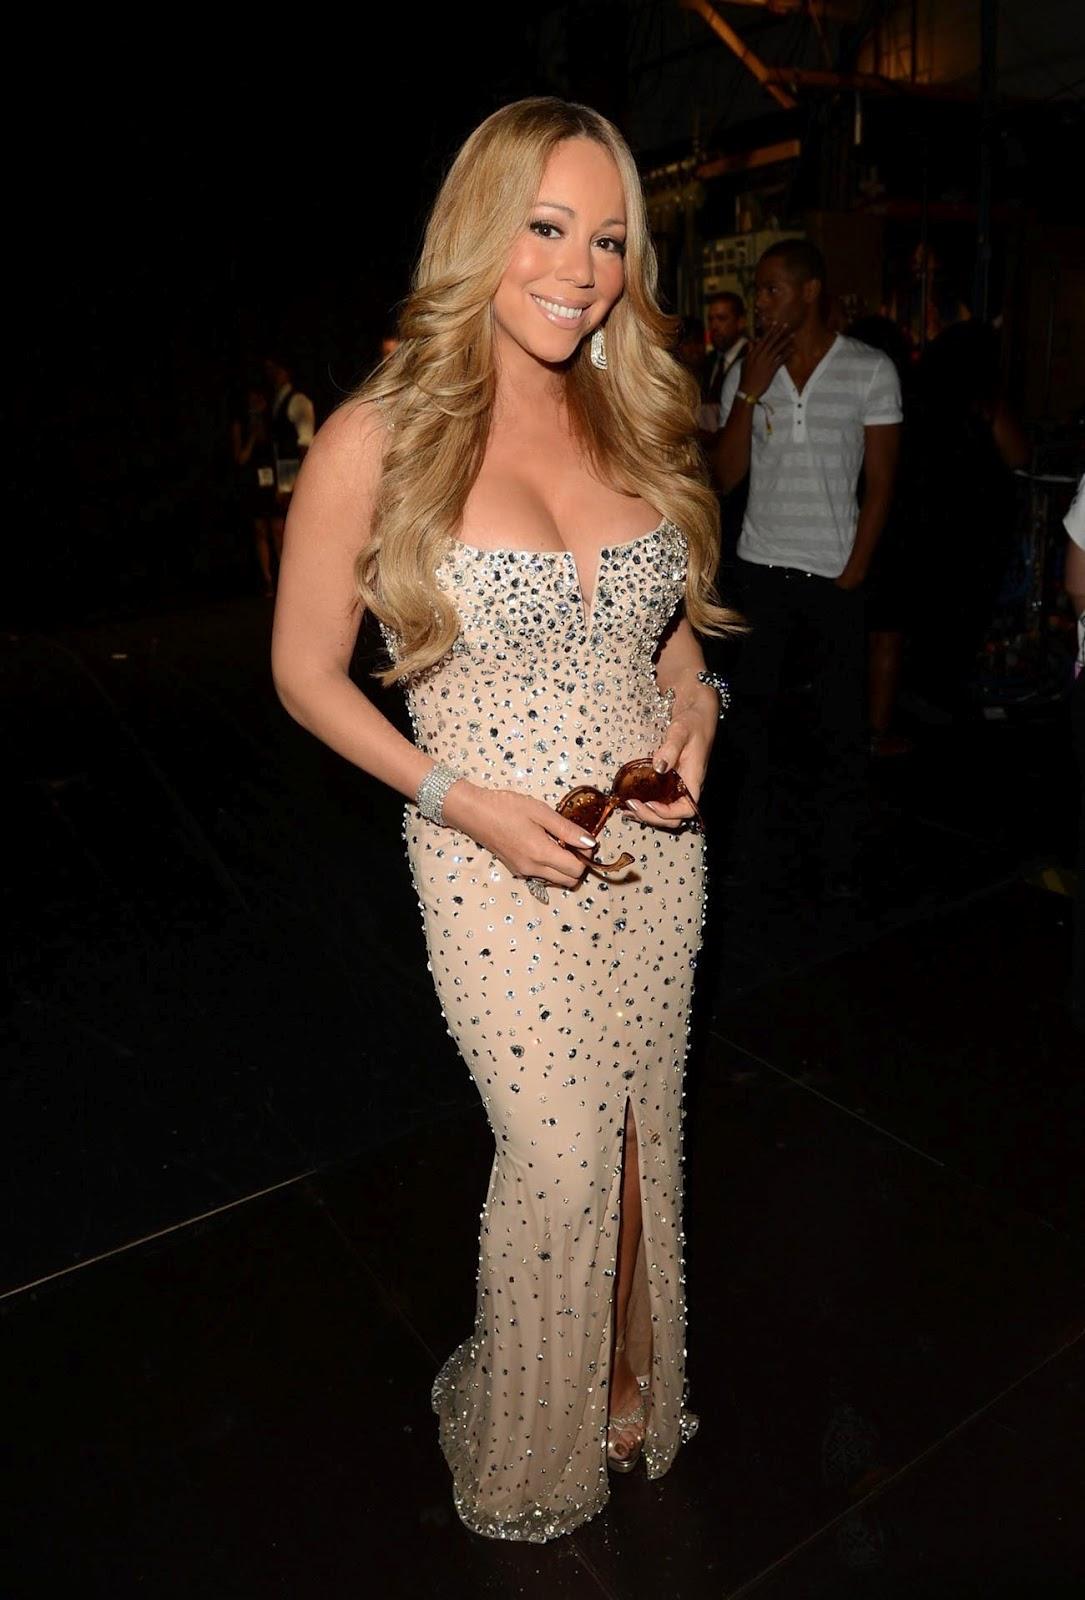 http://1.bp.blogspot.com/-kgEqhMX-brM/T_T--ynLCgI/AAAAAAAAAxk/0MkE7BgUhGo/s1600/Mariah-Carey-at-2012-BET-Awards.jpg